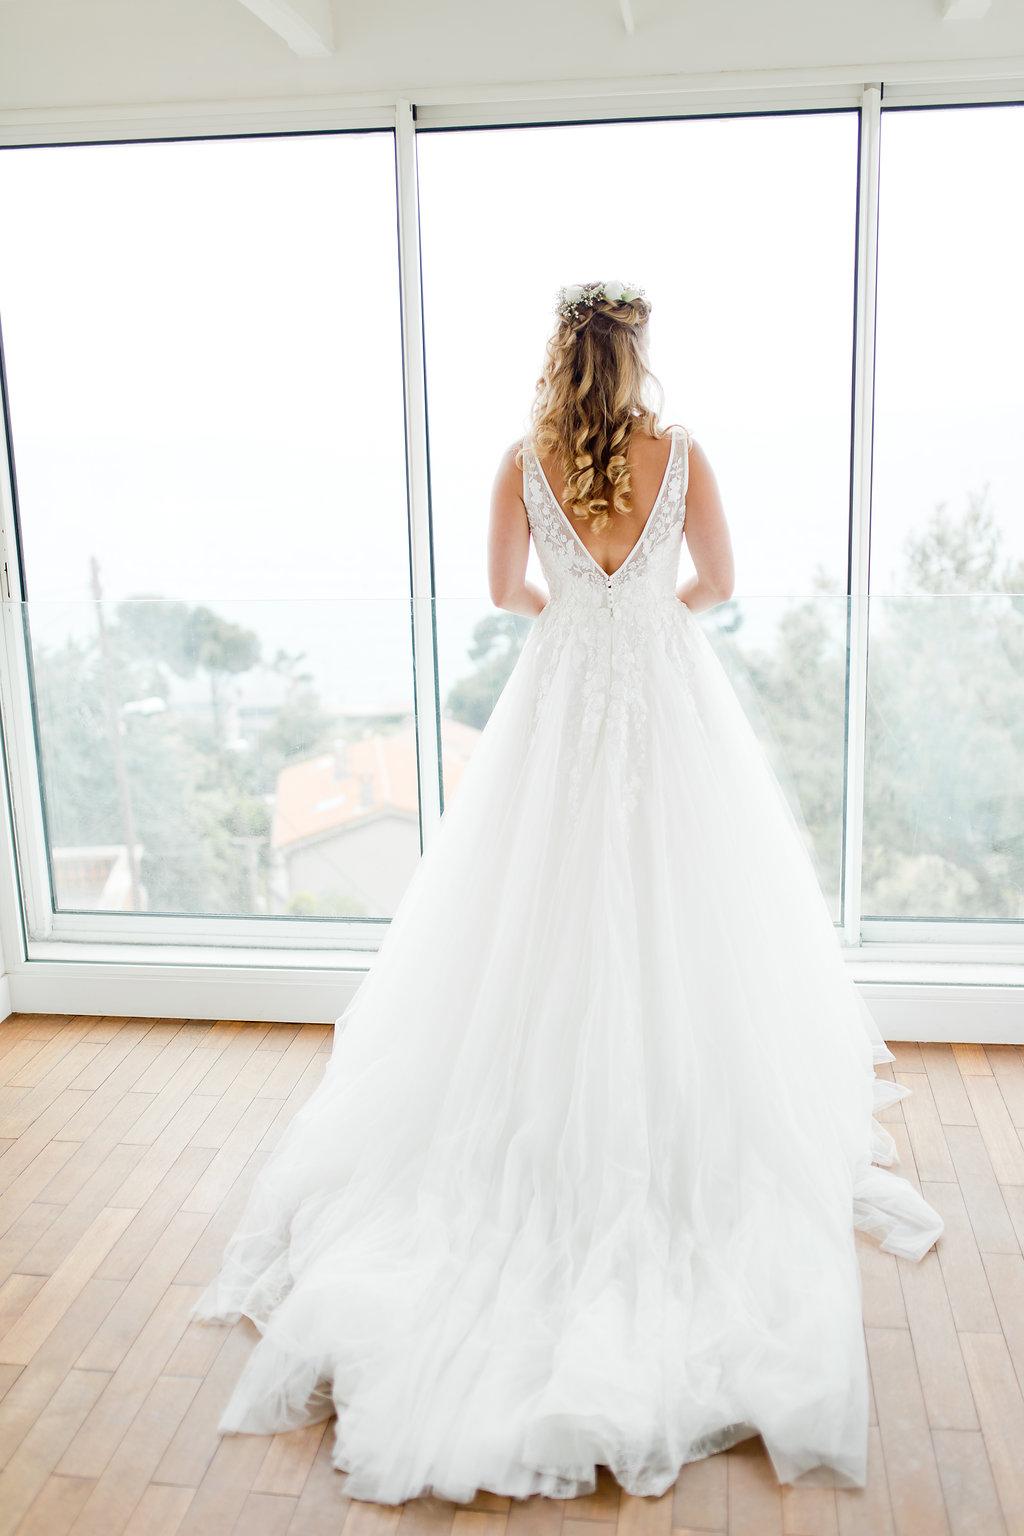 le coeur dans les etoiles - wedding planner - provence - sardaigne - shooting inspiration - mariage voilier - audrey carnoy - preparation mariee